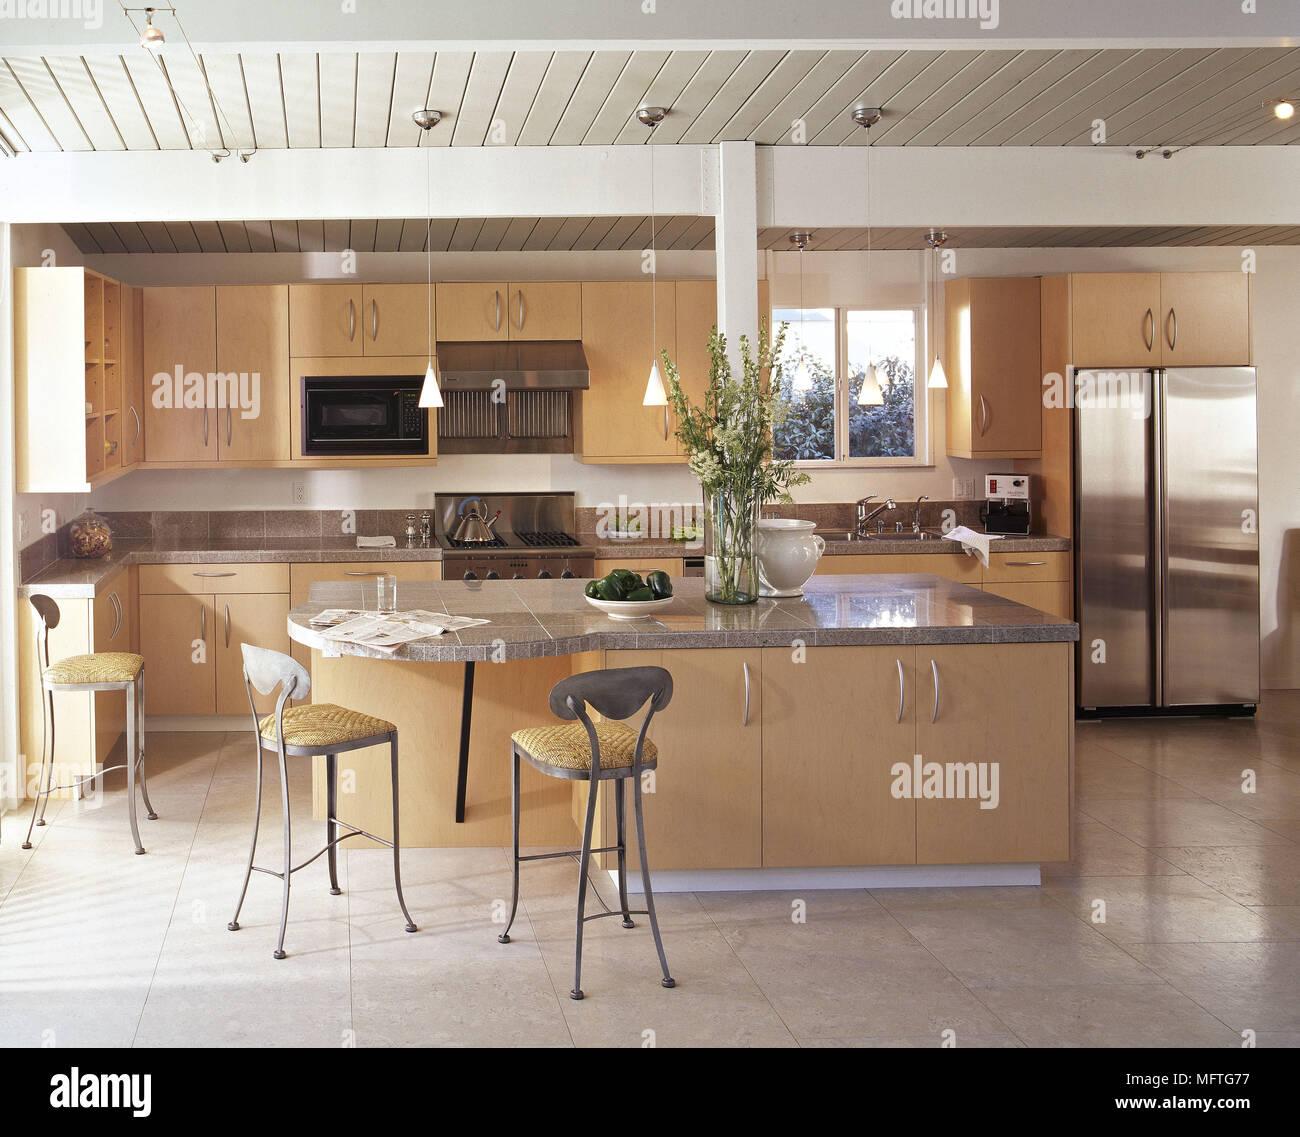 Moderne Kuche Zentrale Insel Einheit Holz Einheiten Granit